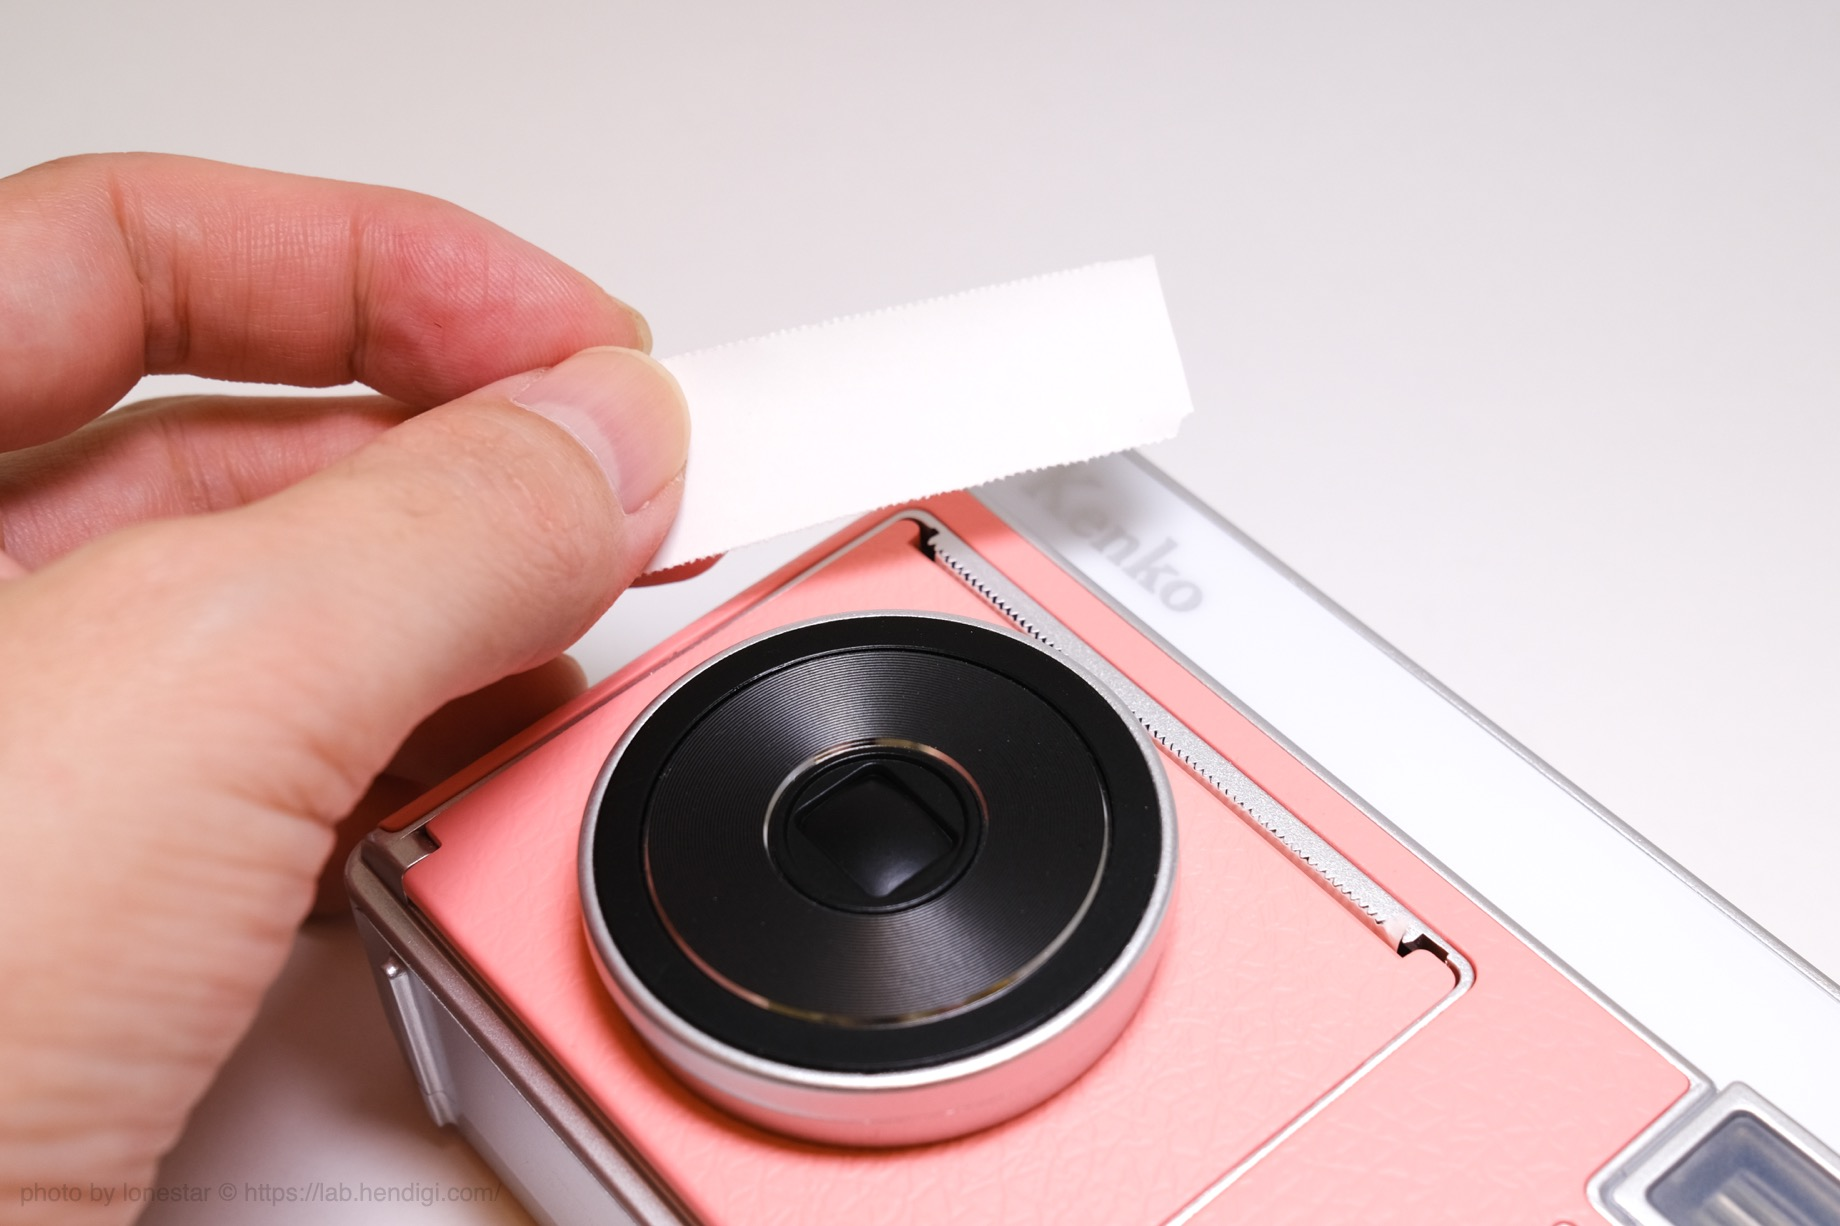 モノクロカメラ KC-TY01 使い方